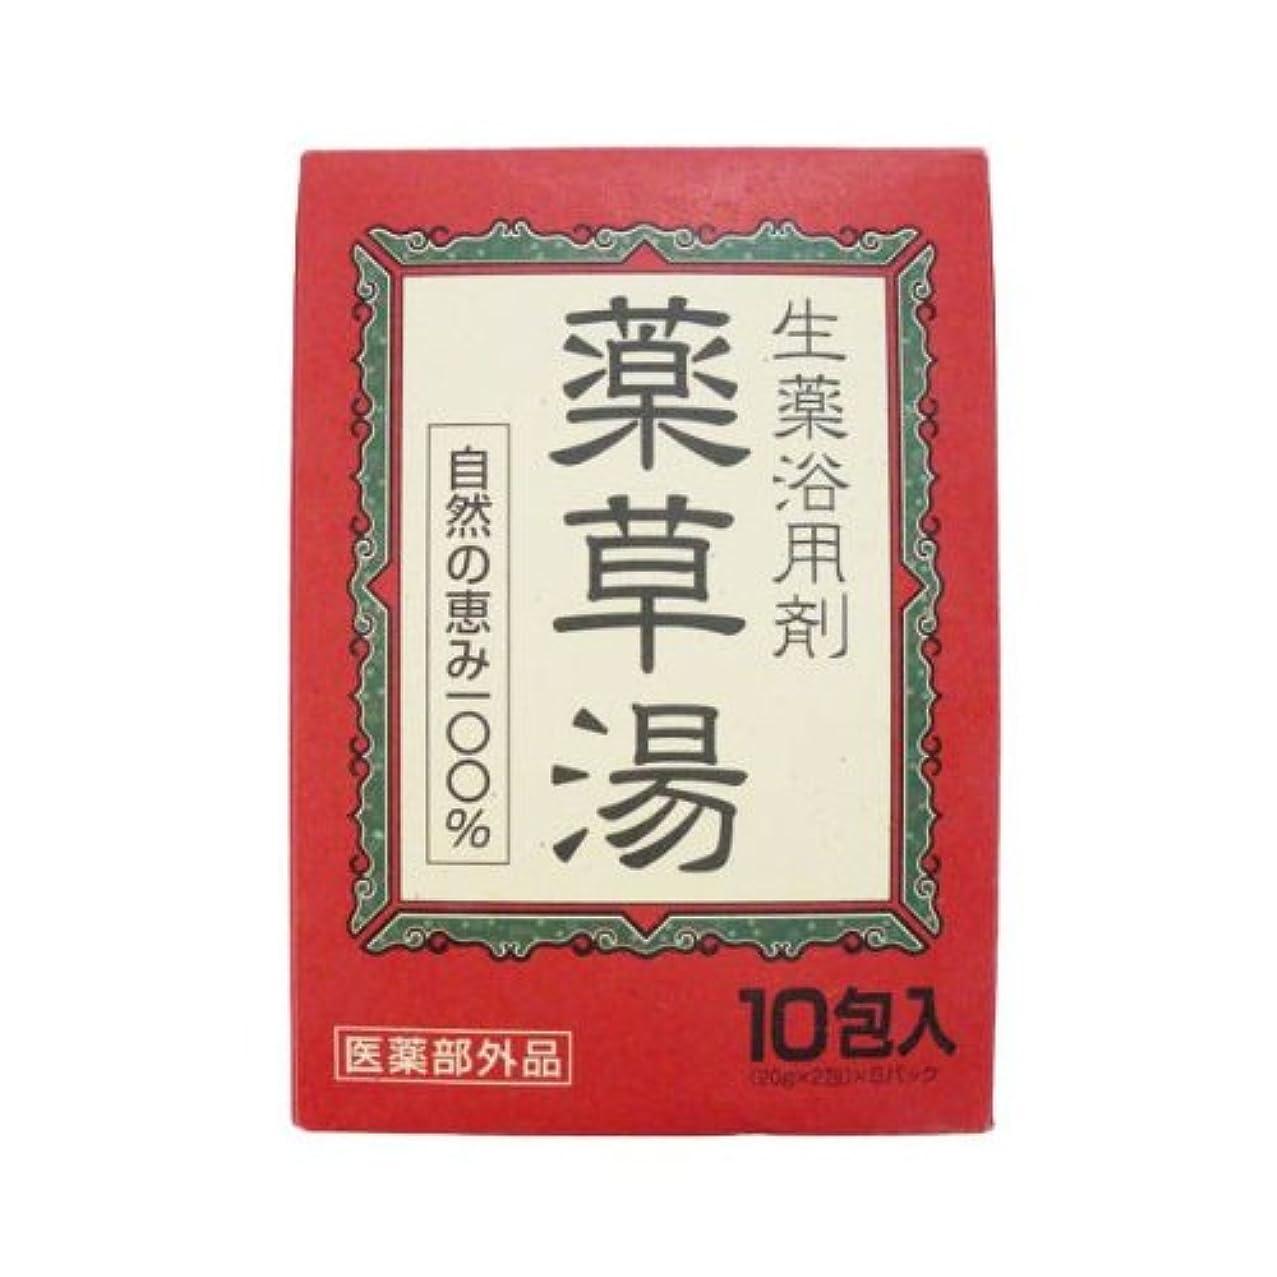 アルコール失望引退するVVN生薬入浴剤薬草湯10包×(20セット)